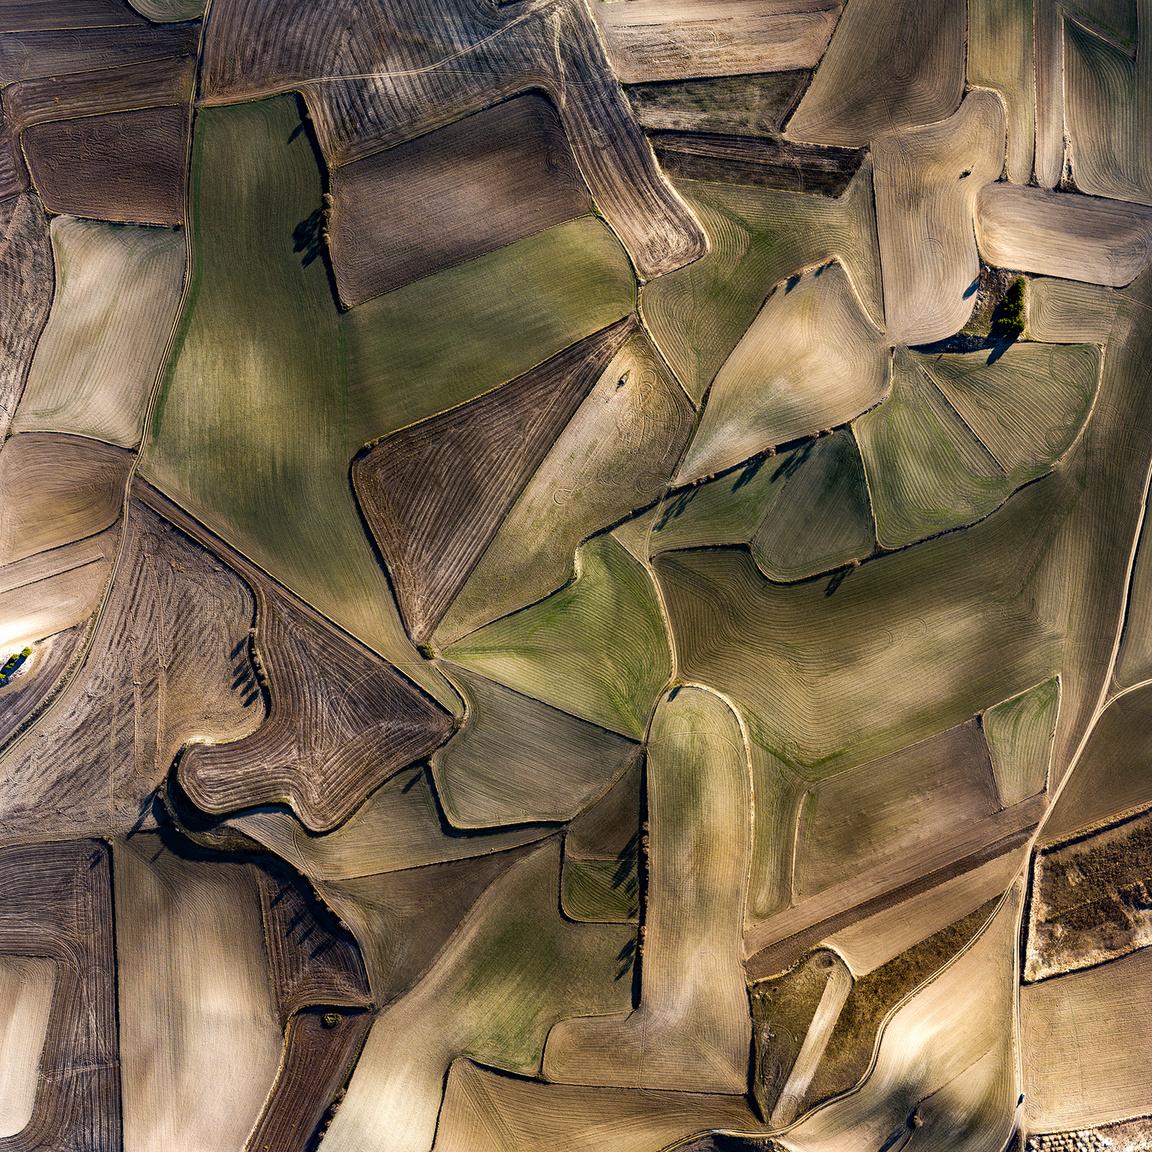 EsquiviasApróra darabolt parcellák segítségével próbálják kiegyenlíteni a lankás terepet a ritkán előforduló csapadék megtartása érdekében. A föld szürkés színét a talajban található bórax okozza.Esquivias, Toledo, Spanyolország. 2018.12.31.A képen látható terület szélessége: 793 m.